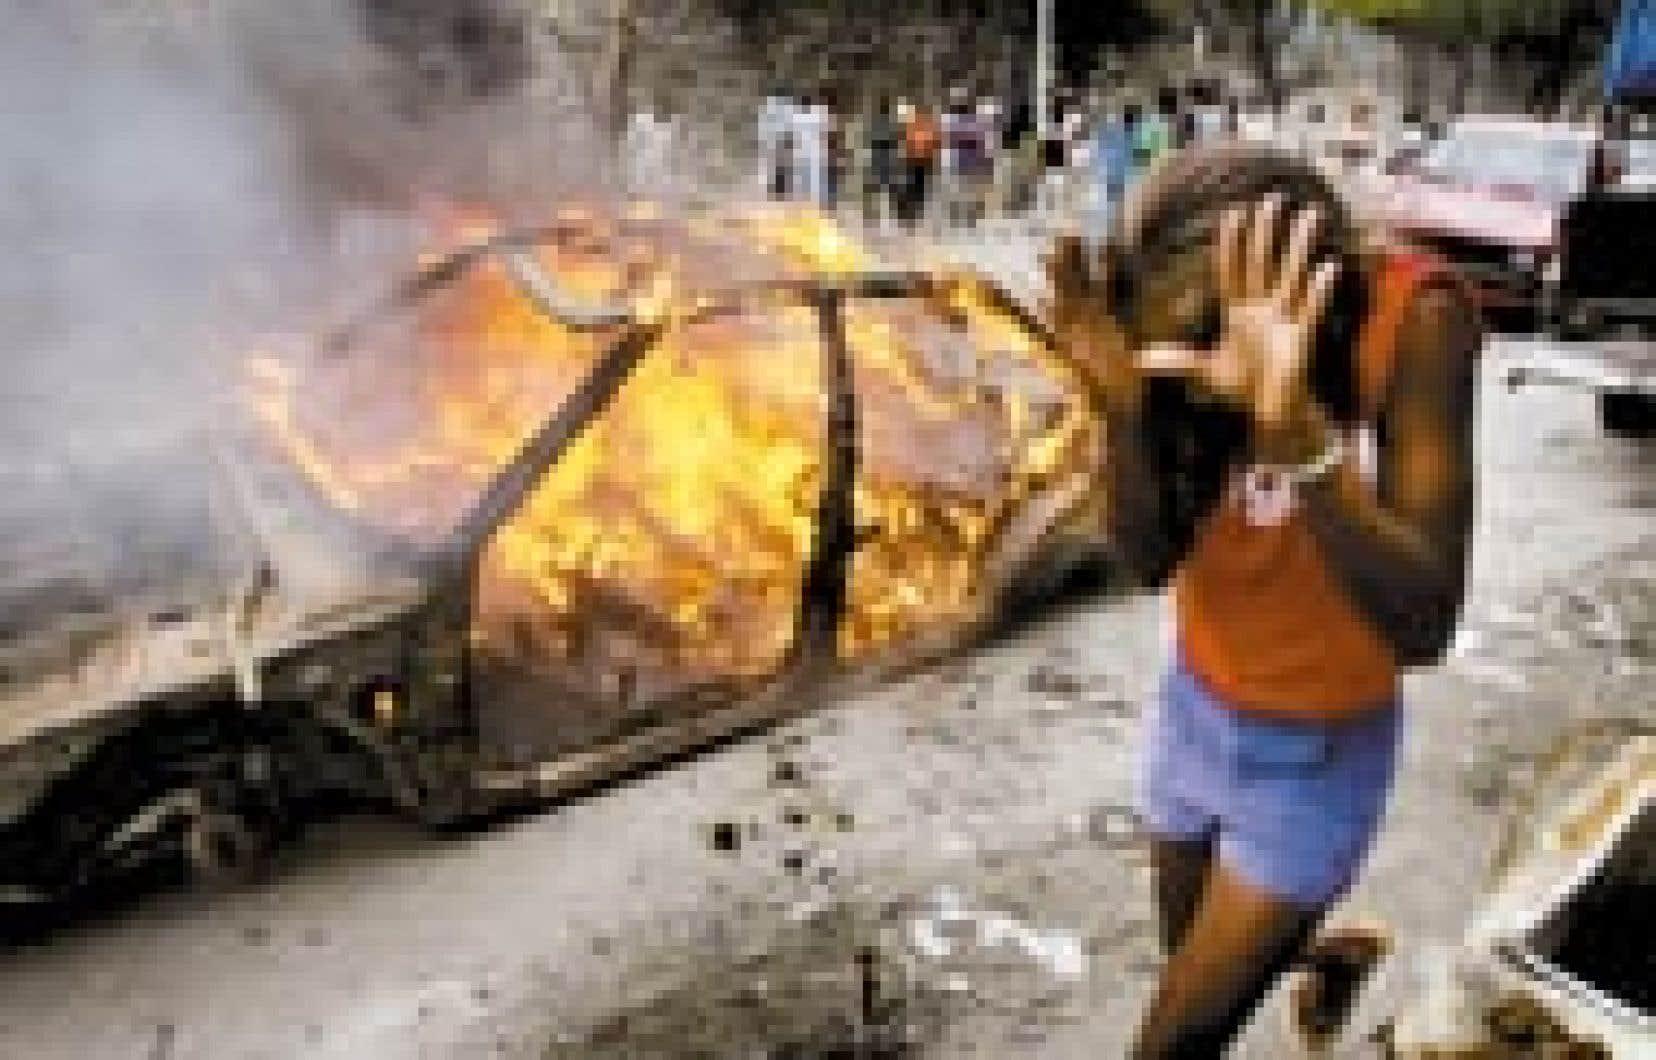 Une jeune fille se protège des flammes en passant près d'une des barricades érigées hier à Port-au-Prince par des partisans de l'ancien président René Préval. Un climat de violence s'est installé dans la capitale haïtienne où les résult